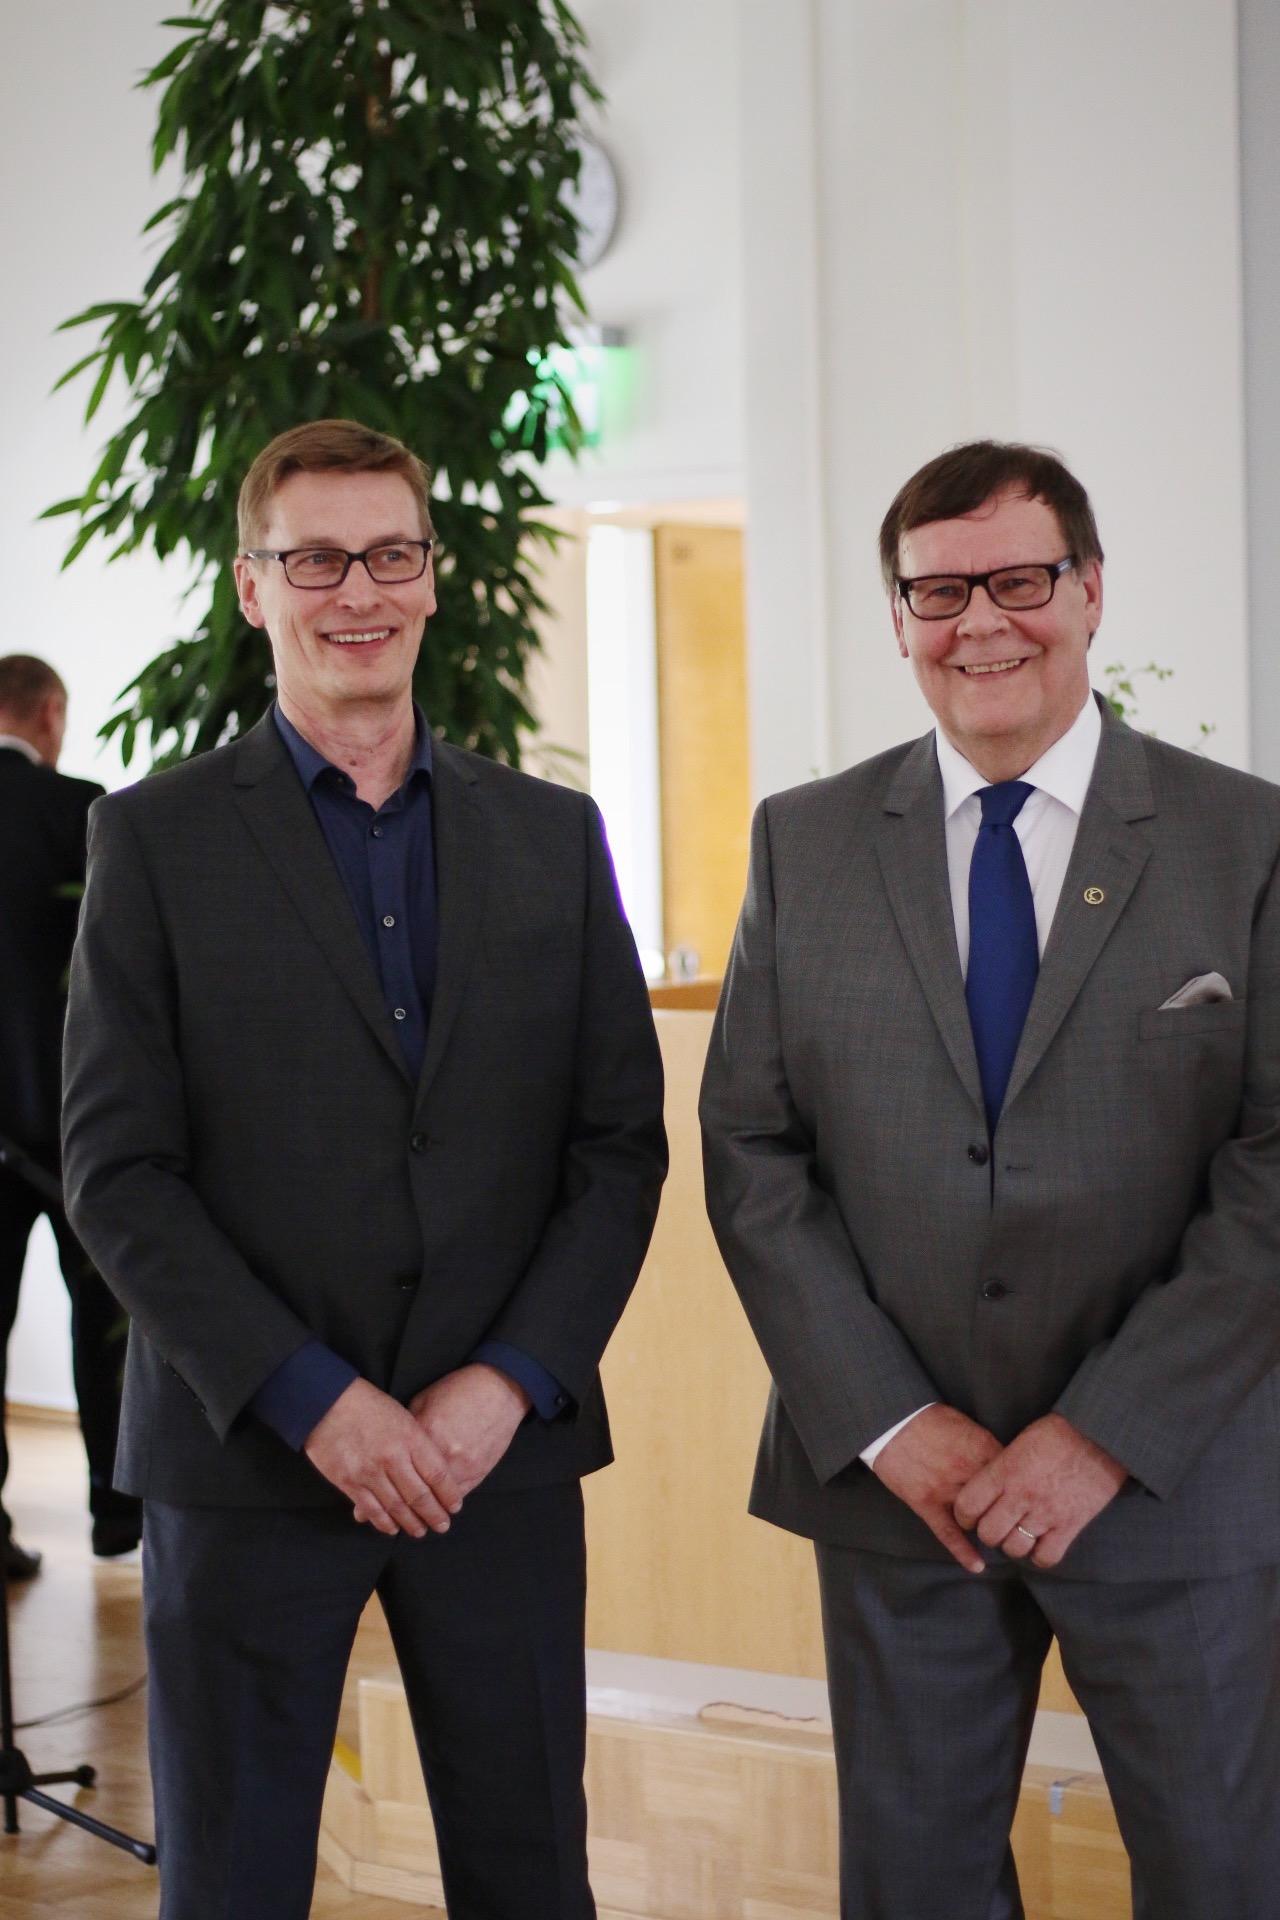 Juuri valittu talous- ja tukipalvelujohtaja Tero Pitkämäki vierellään eläkkeelle jäävä Seppo Karhu.